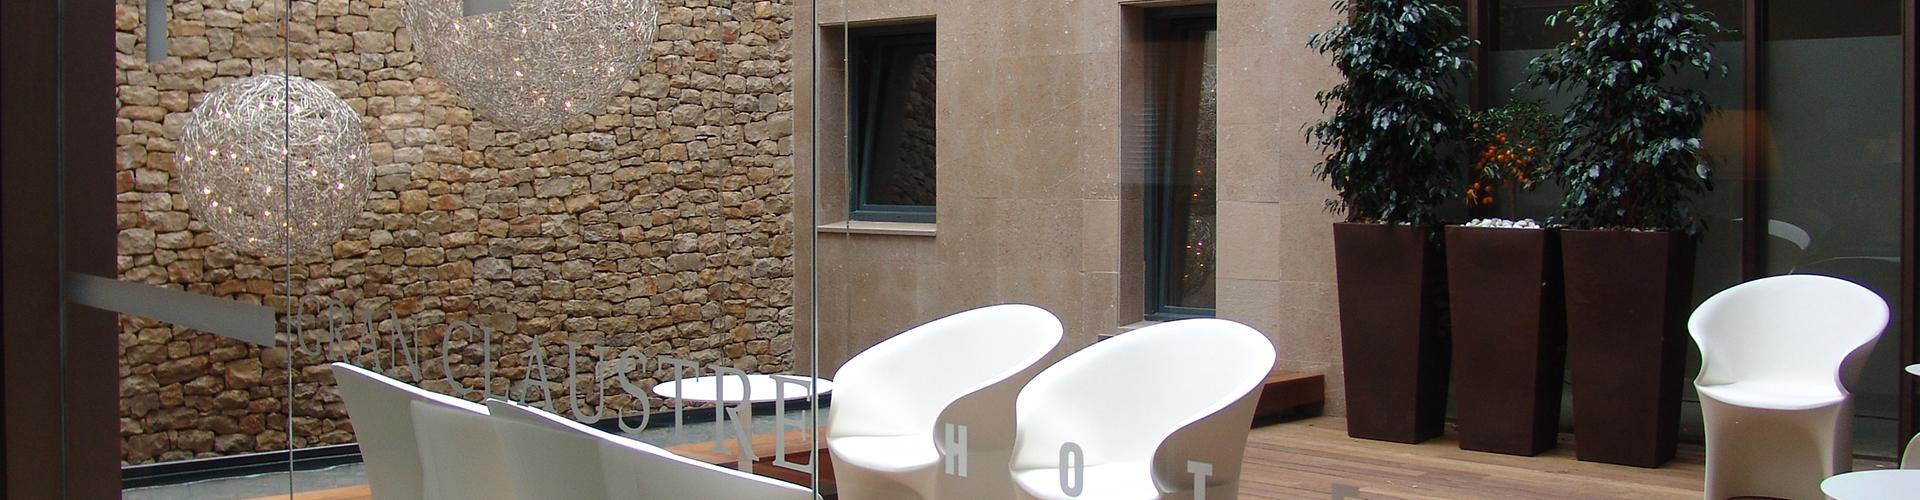 HOTEL GRAN CLAUSTRE & SPA (6)